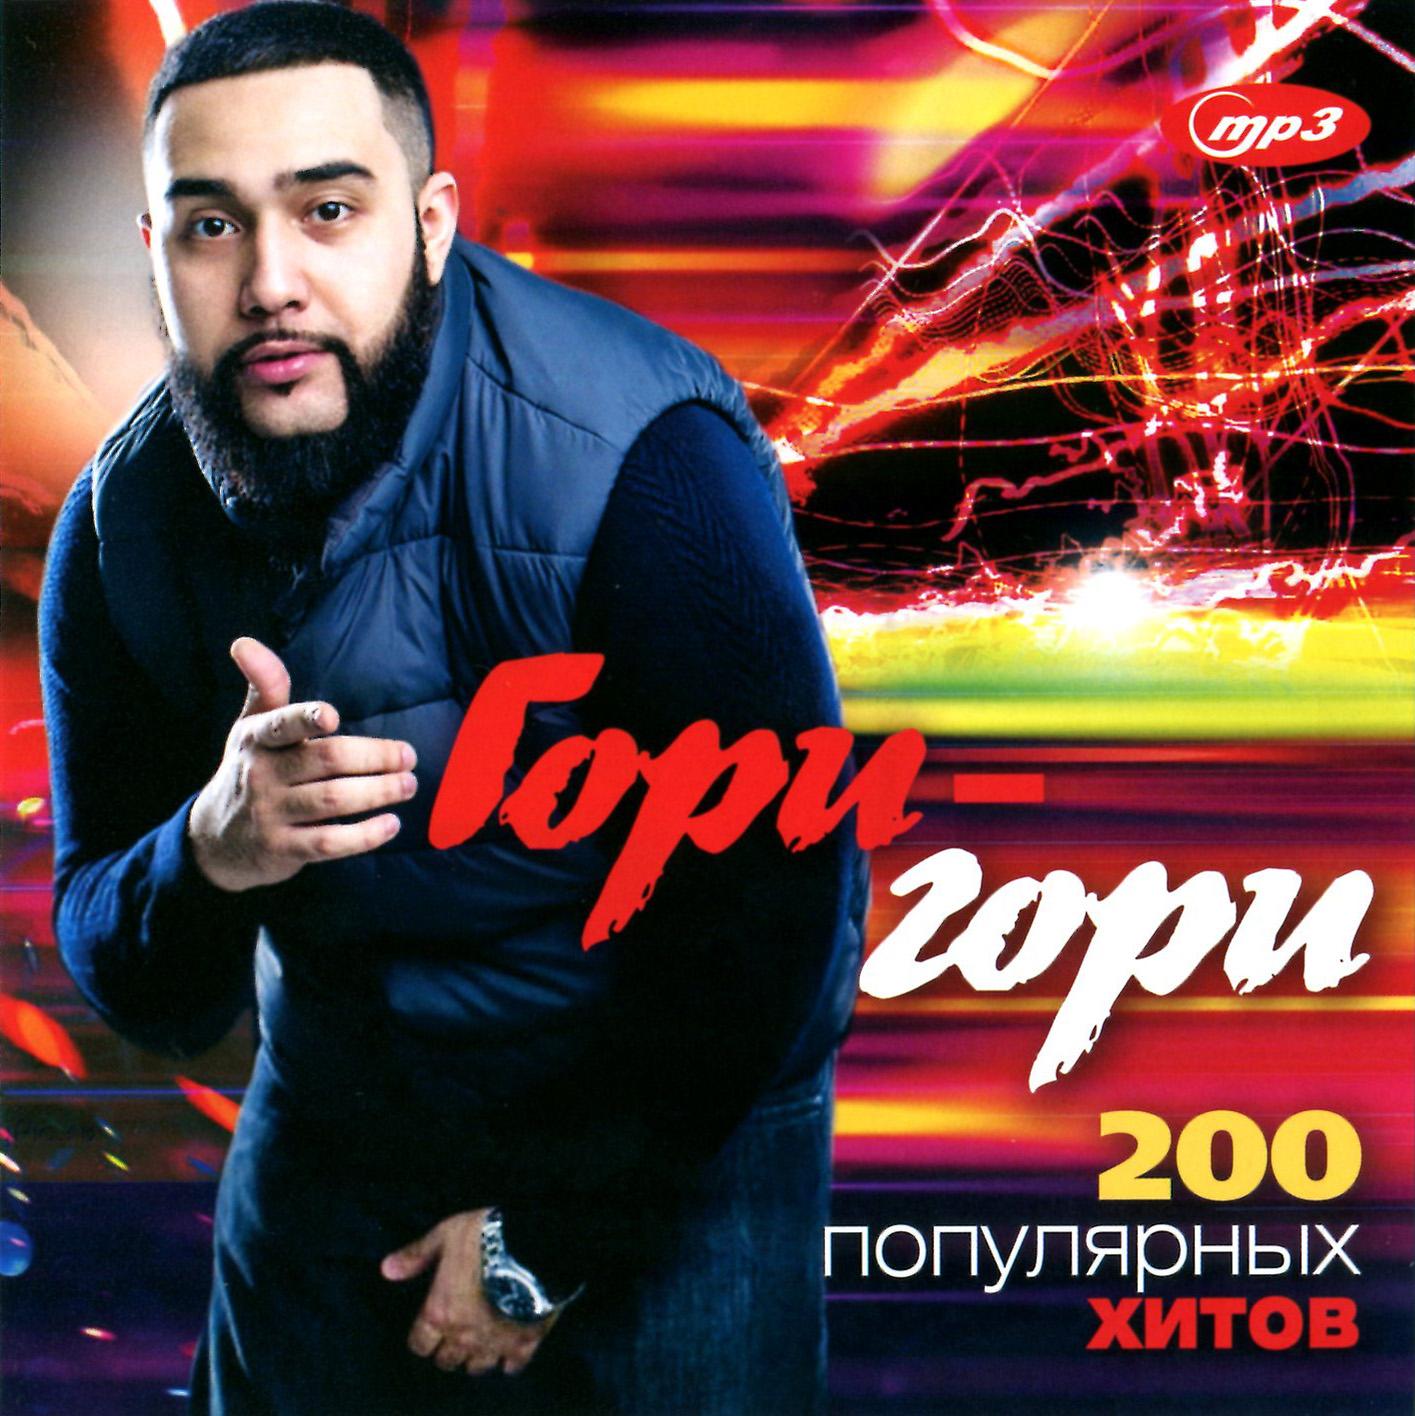 Гори-Гори - 200 популярных хитов [mp3]